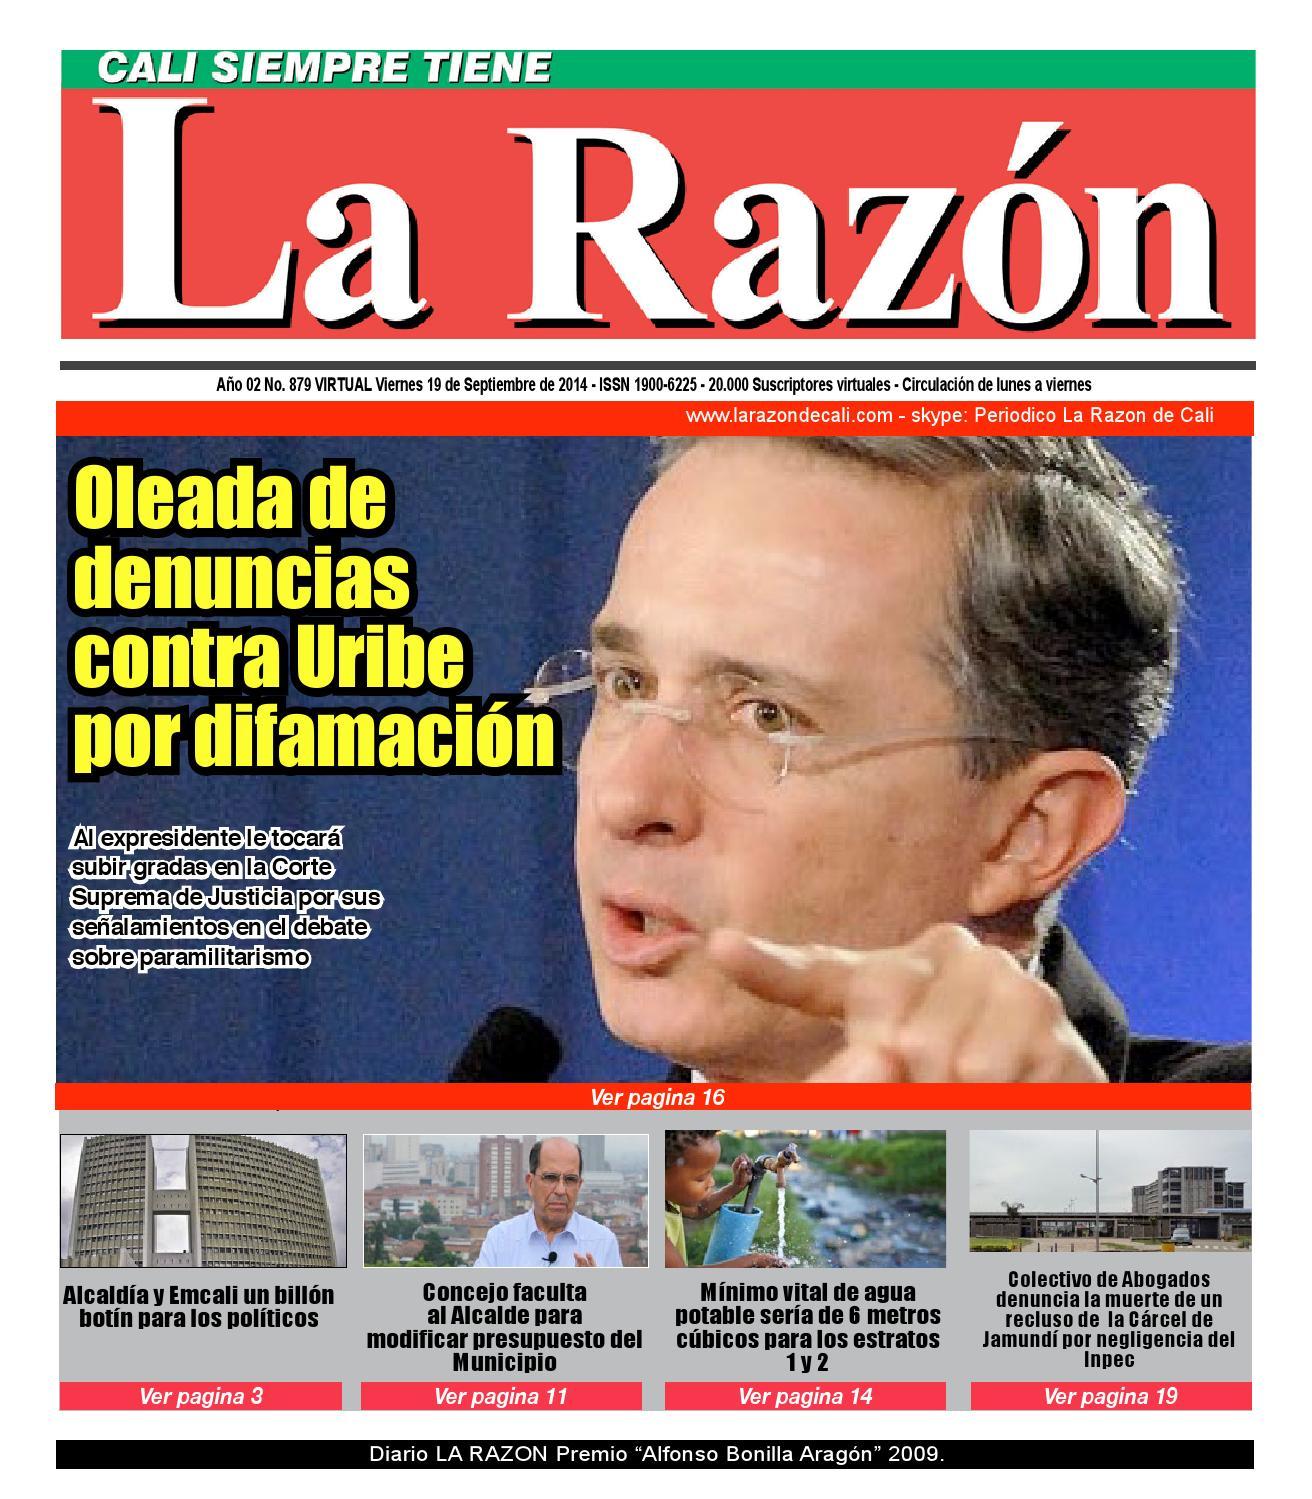 Diario La Raz N Viernes 19 De Septiembre By Edgar Buitrago Rico  # Muebles Renovar Jamundi